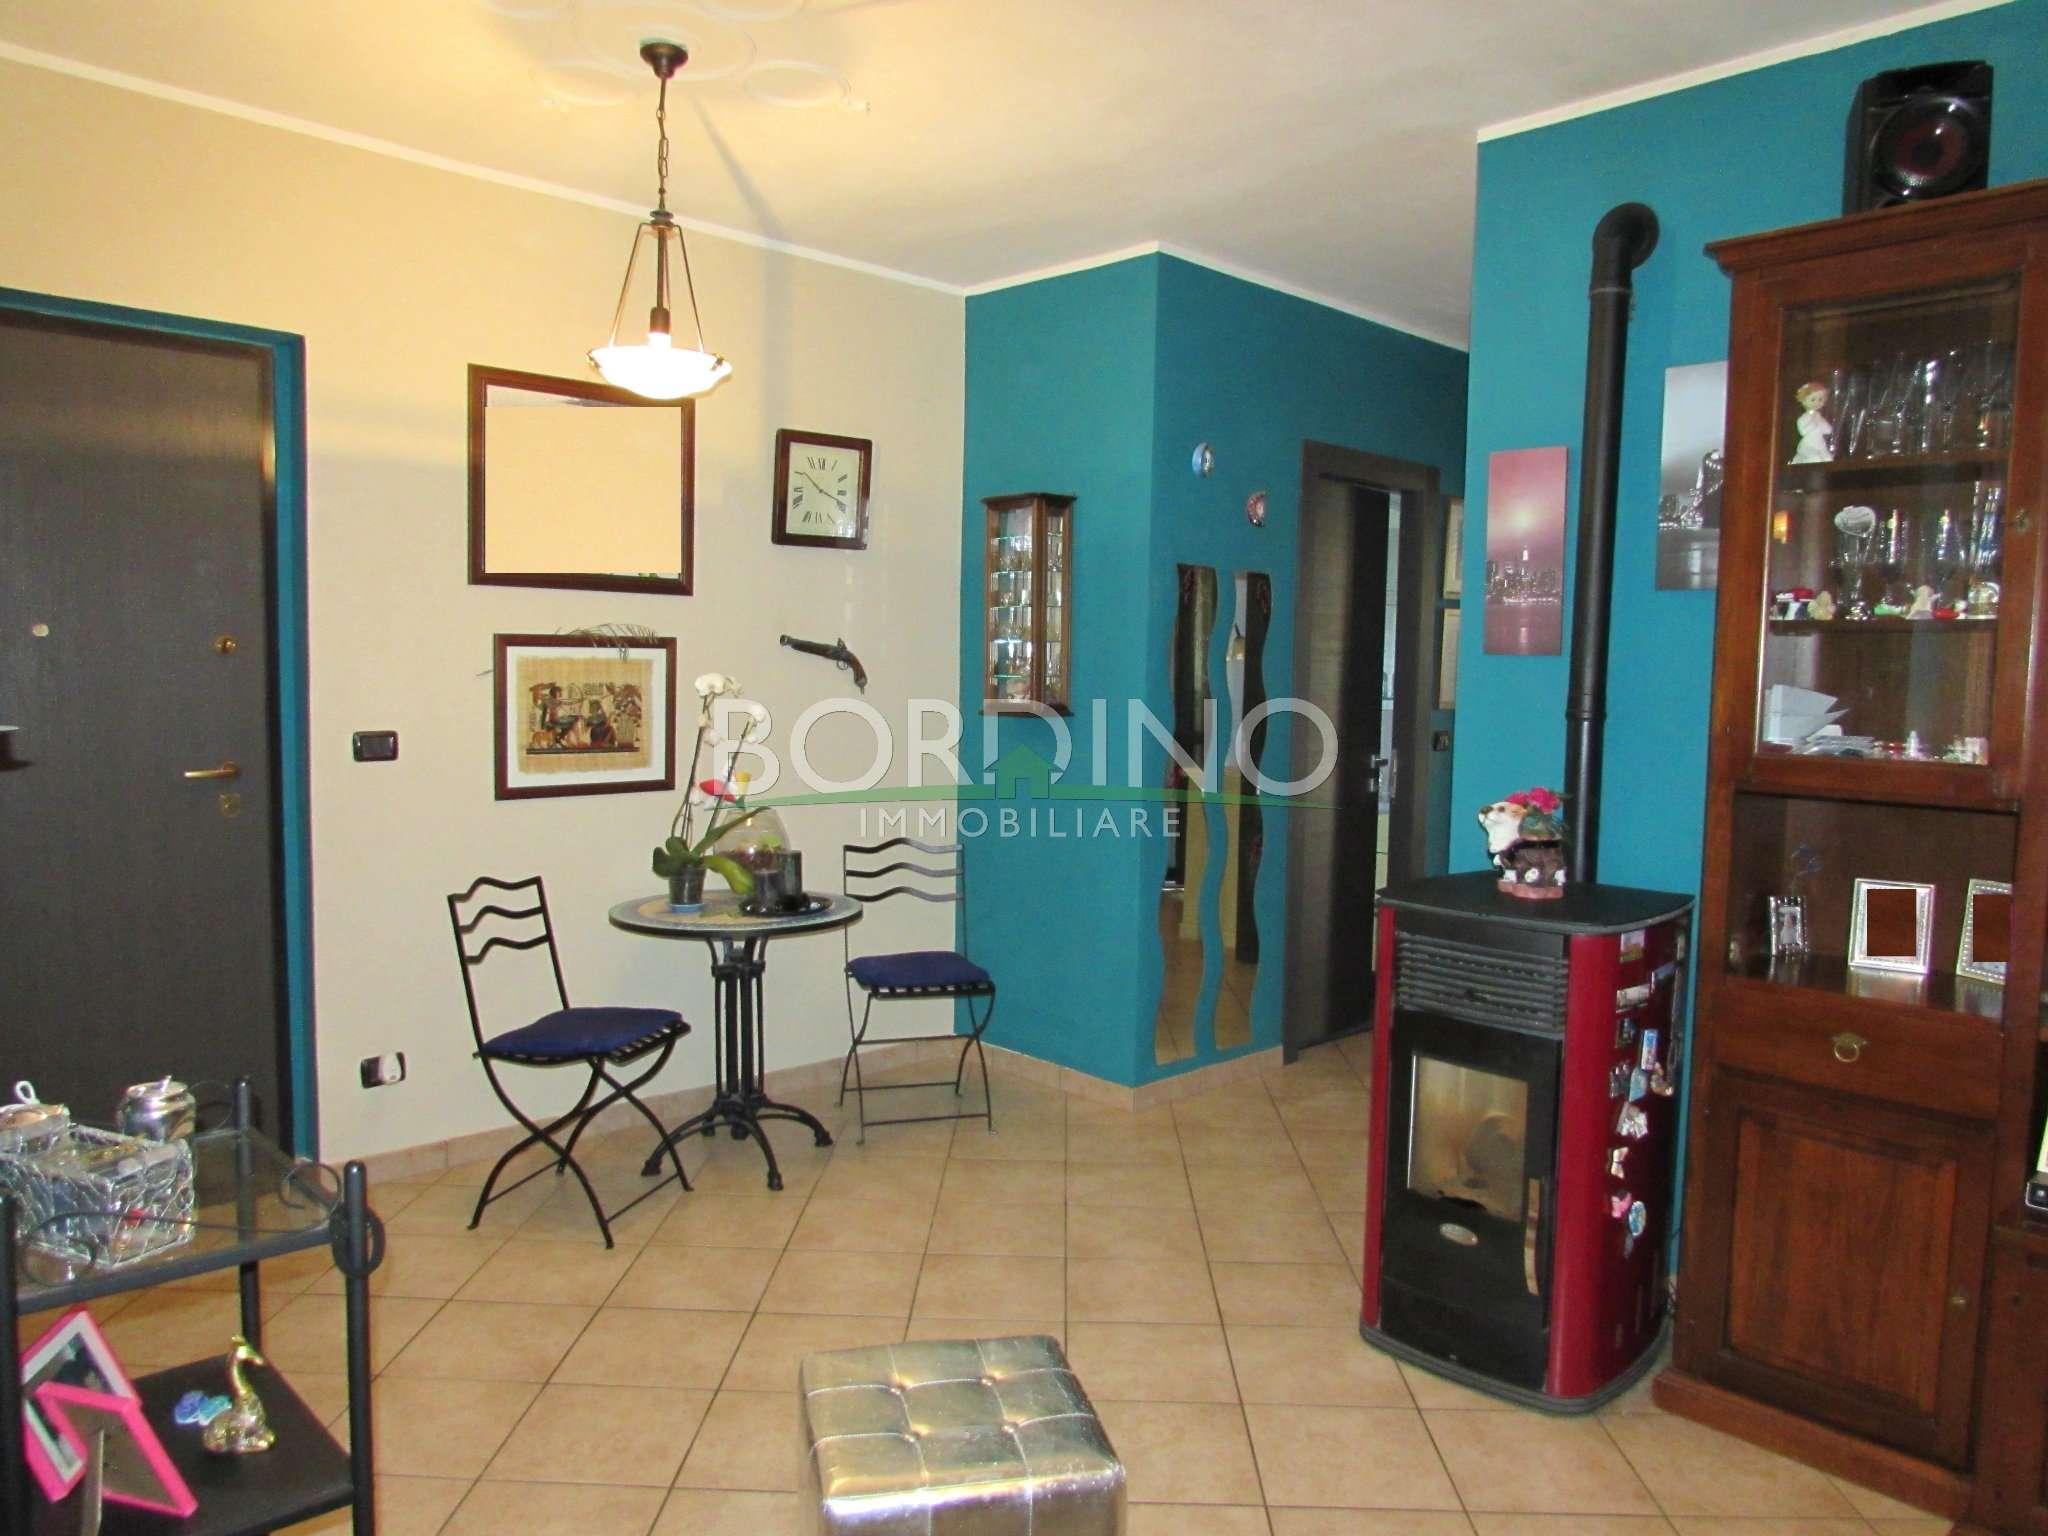 Appartamento in vendita a Piobesi d'Alba, 4 locali, prezzo € 125.000 | CambioCasa.it